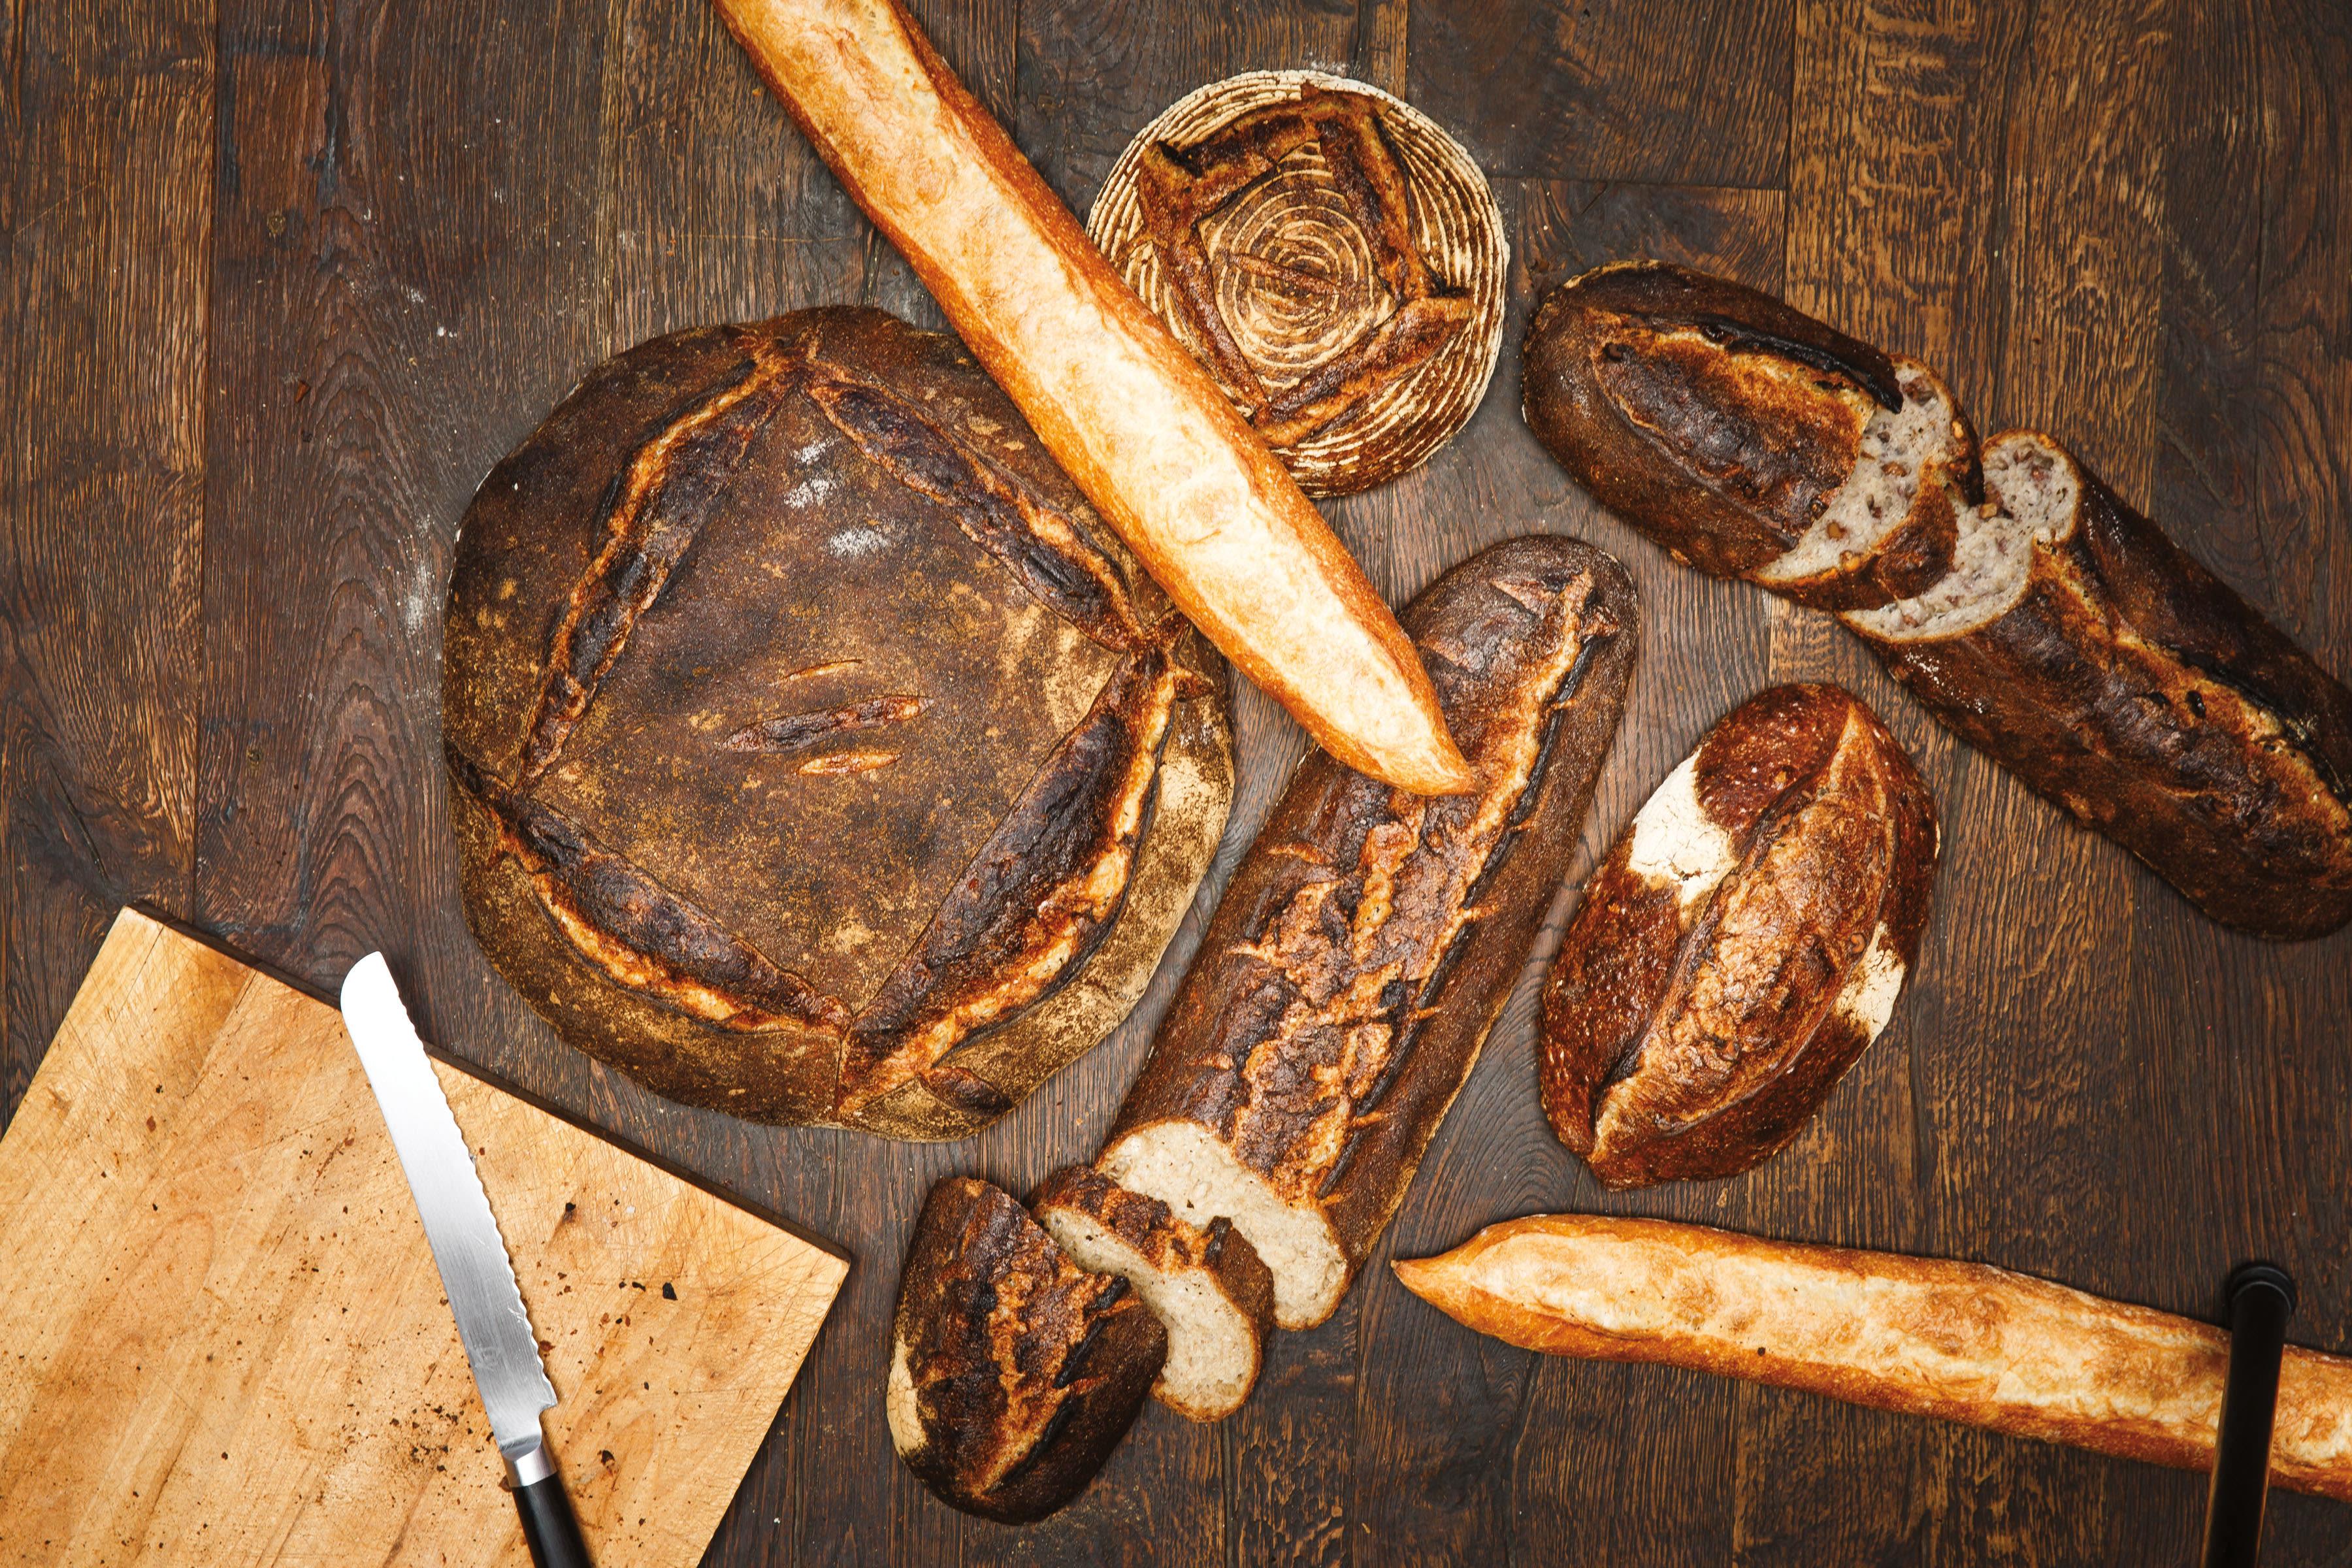 Pomo 0117 eat kens artisan breads qpbr3e